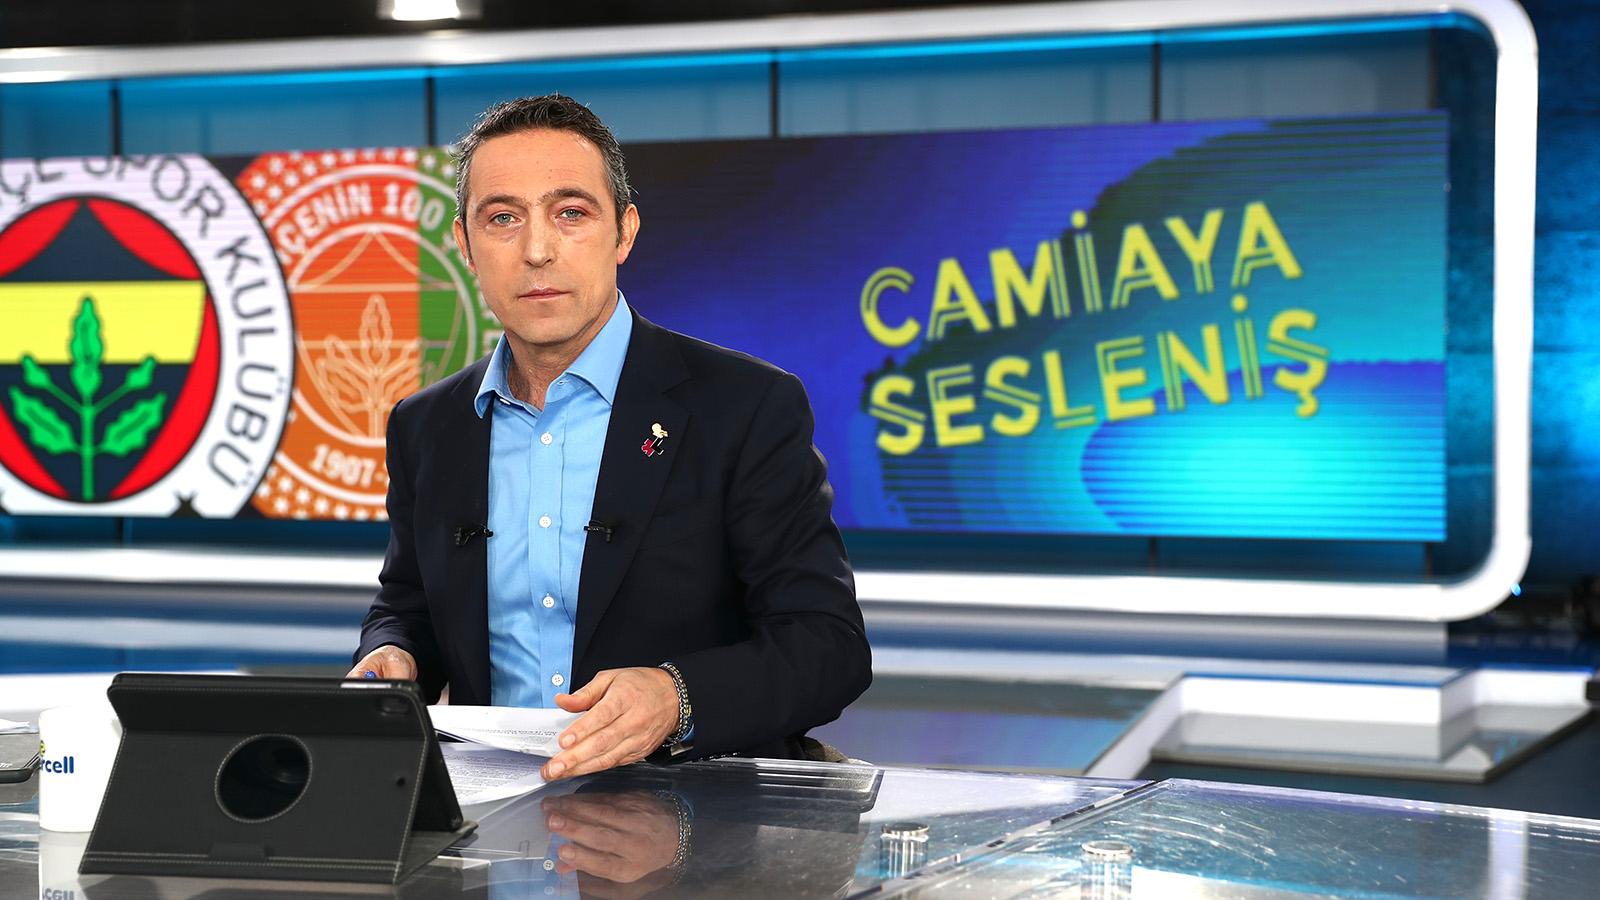 Başkanımız Ali Koç'un Camiaya Sesleniş programındaki açıklamaları